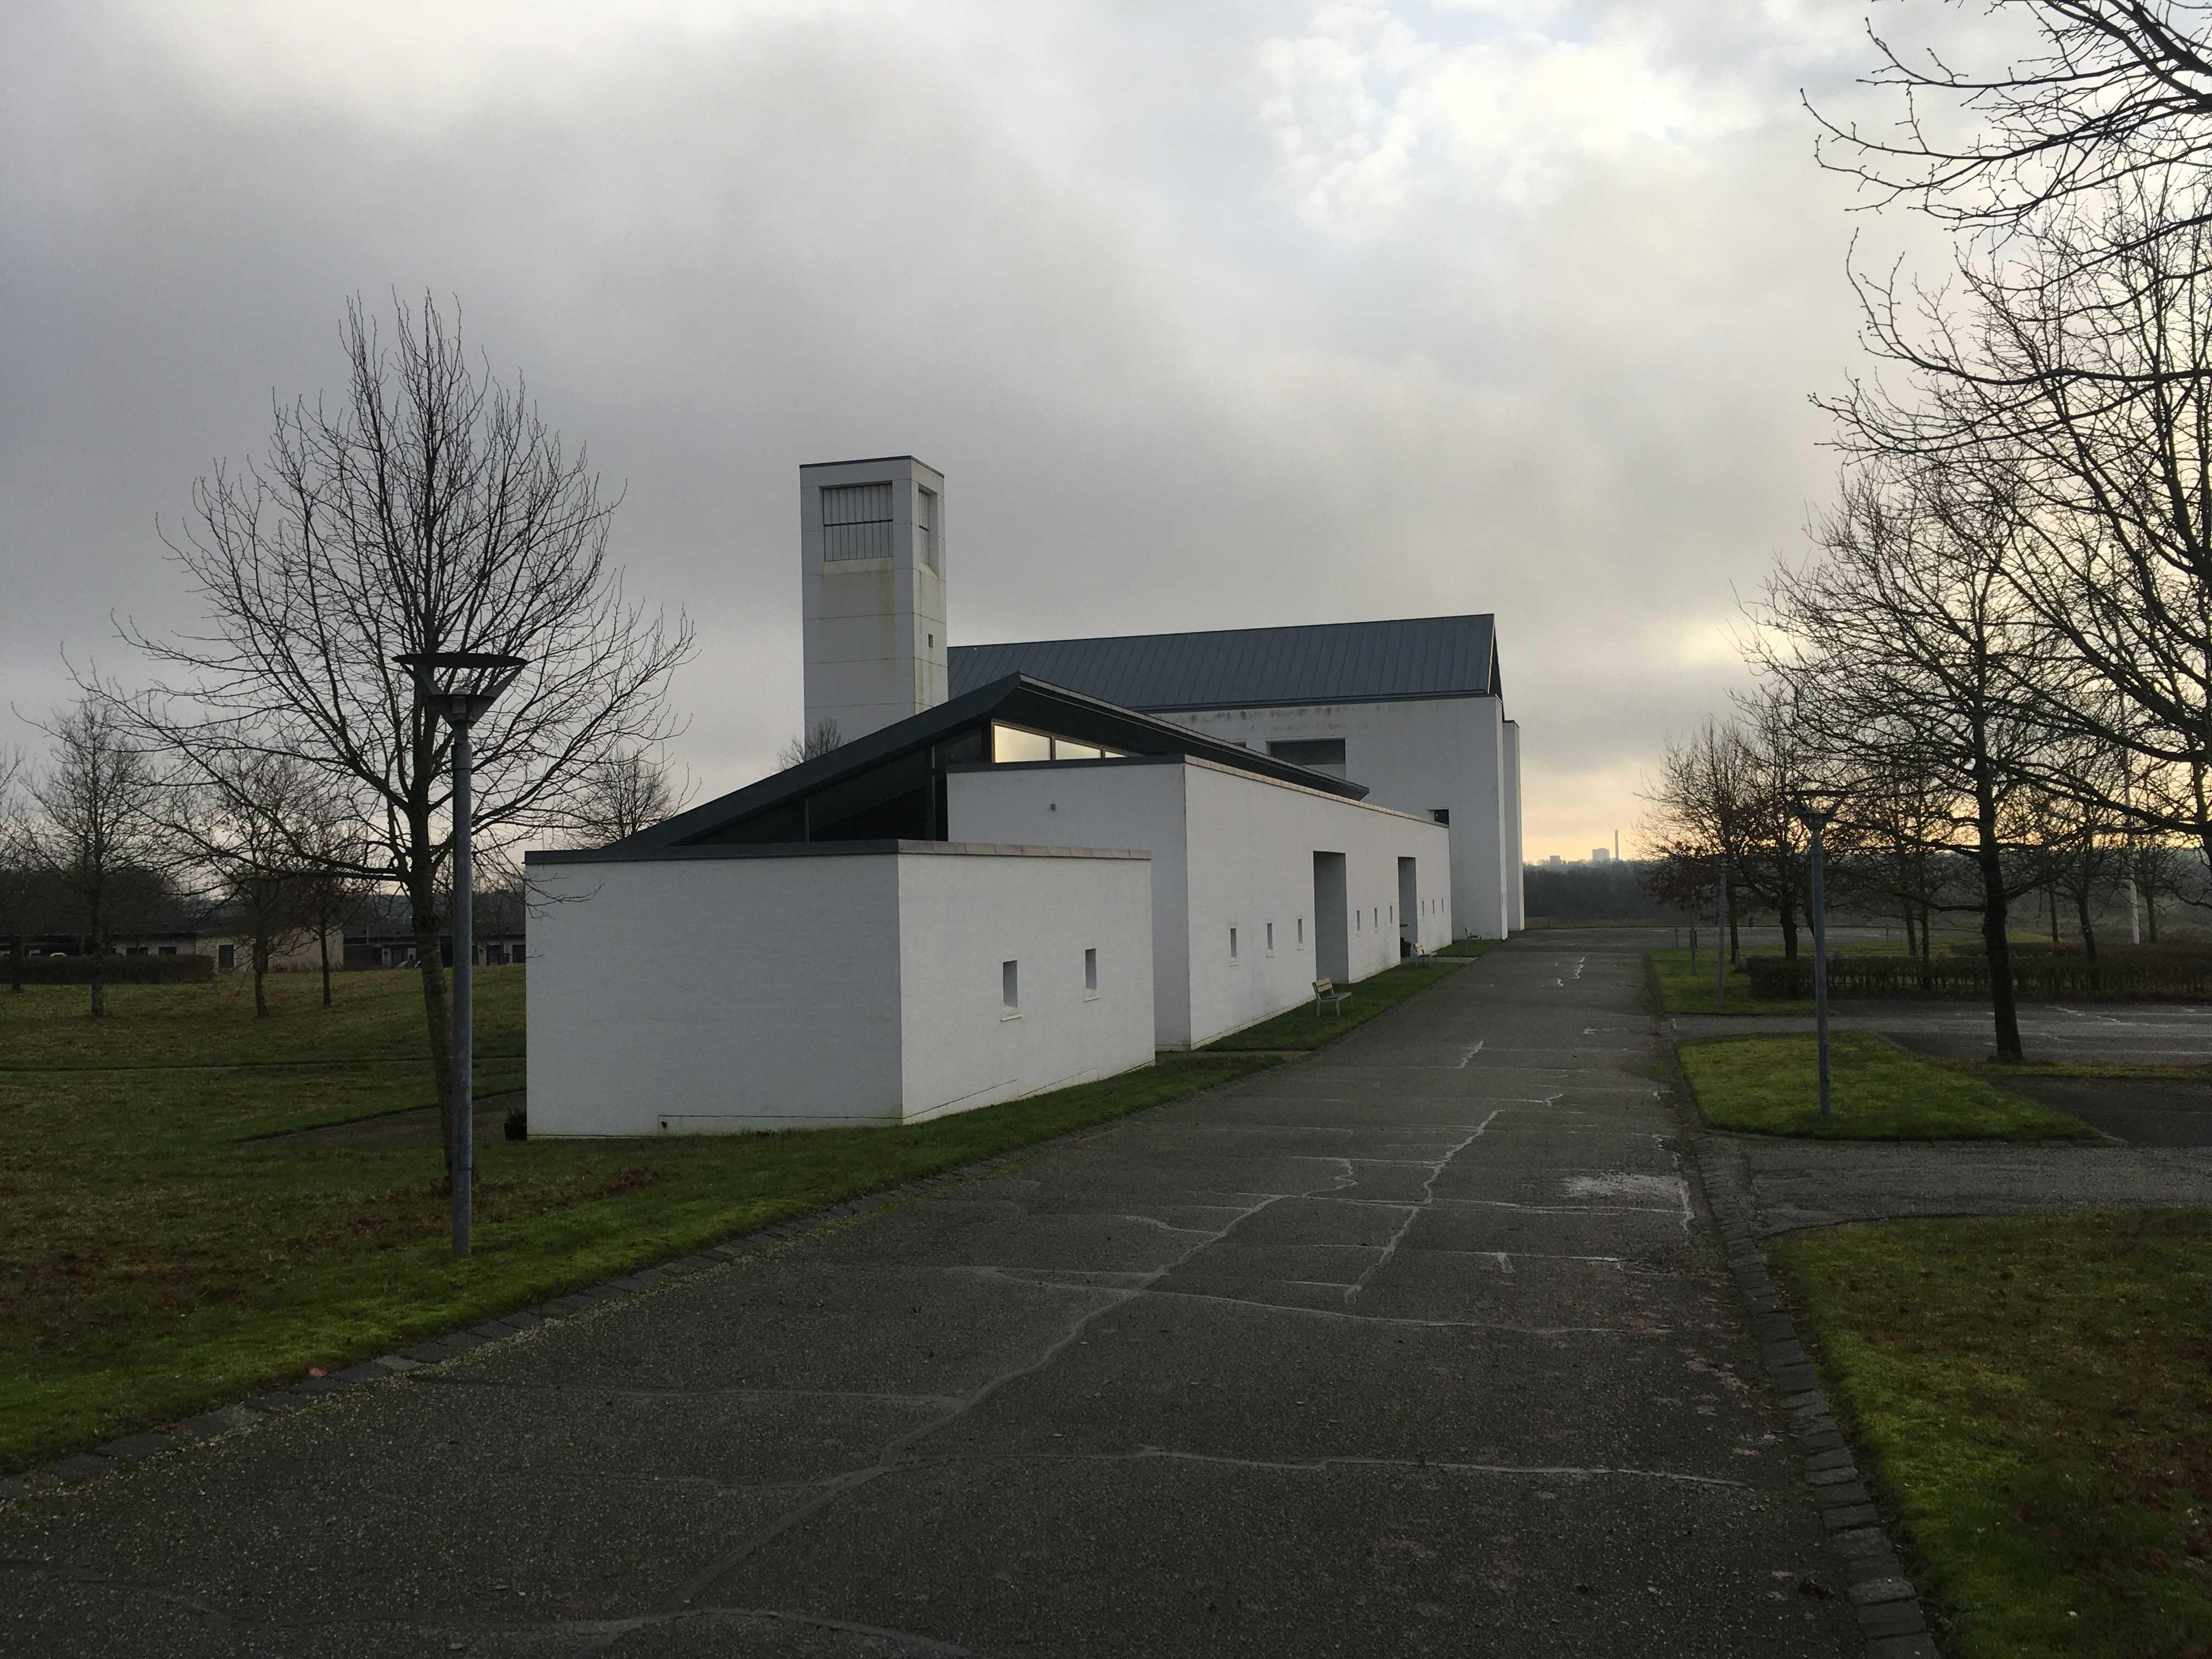 Gullestrup kirke